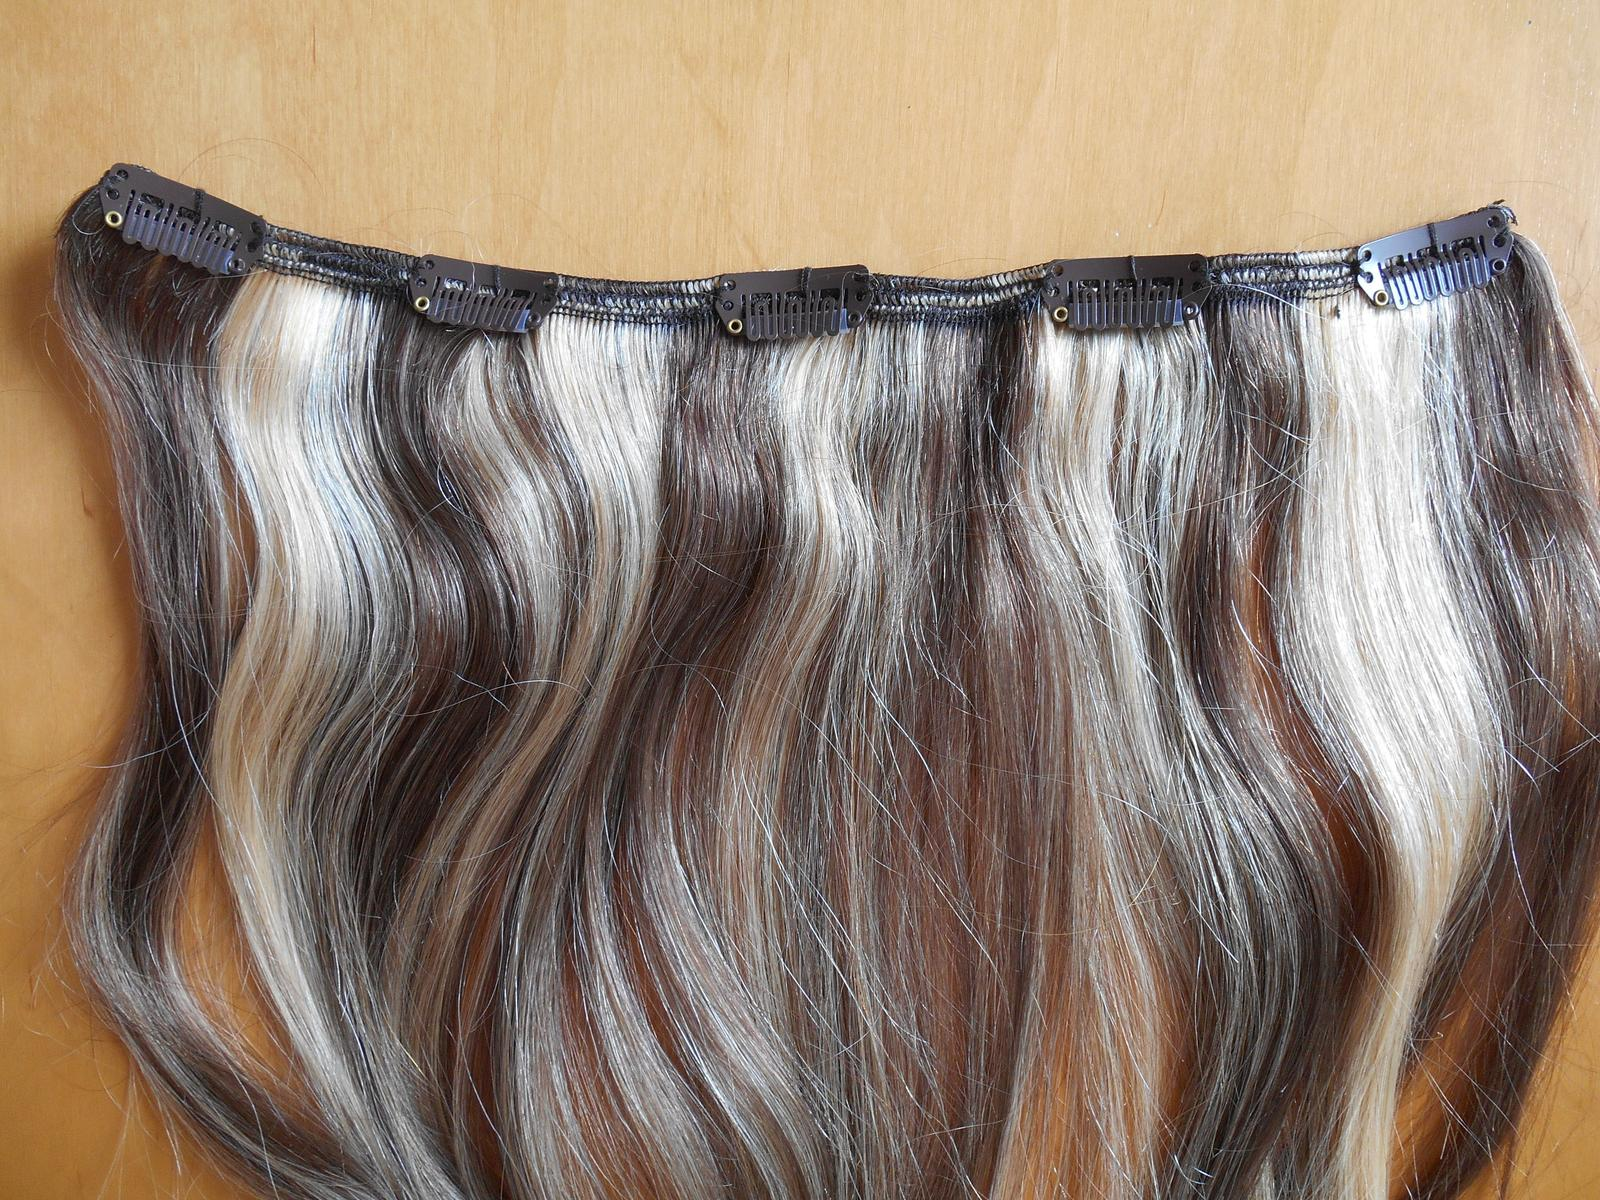 clip-in rýchlo pás 45 cm z pravých vlasov - Obrázok č. 4